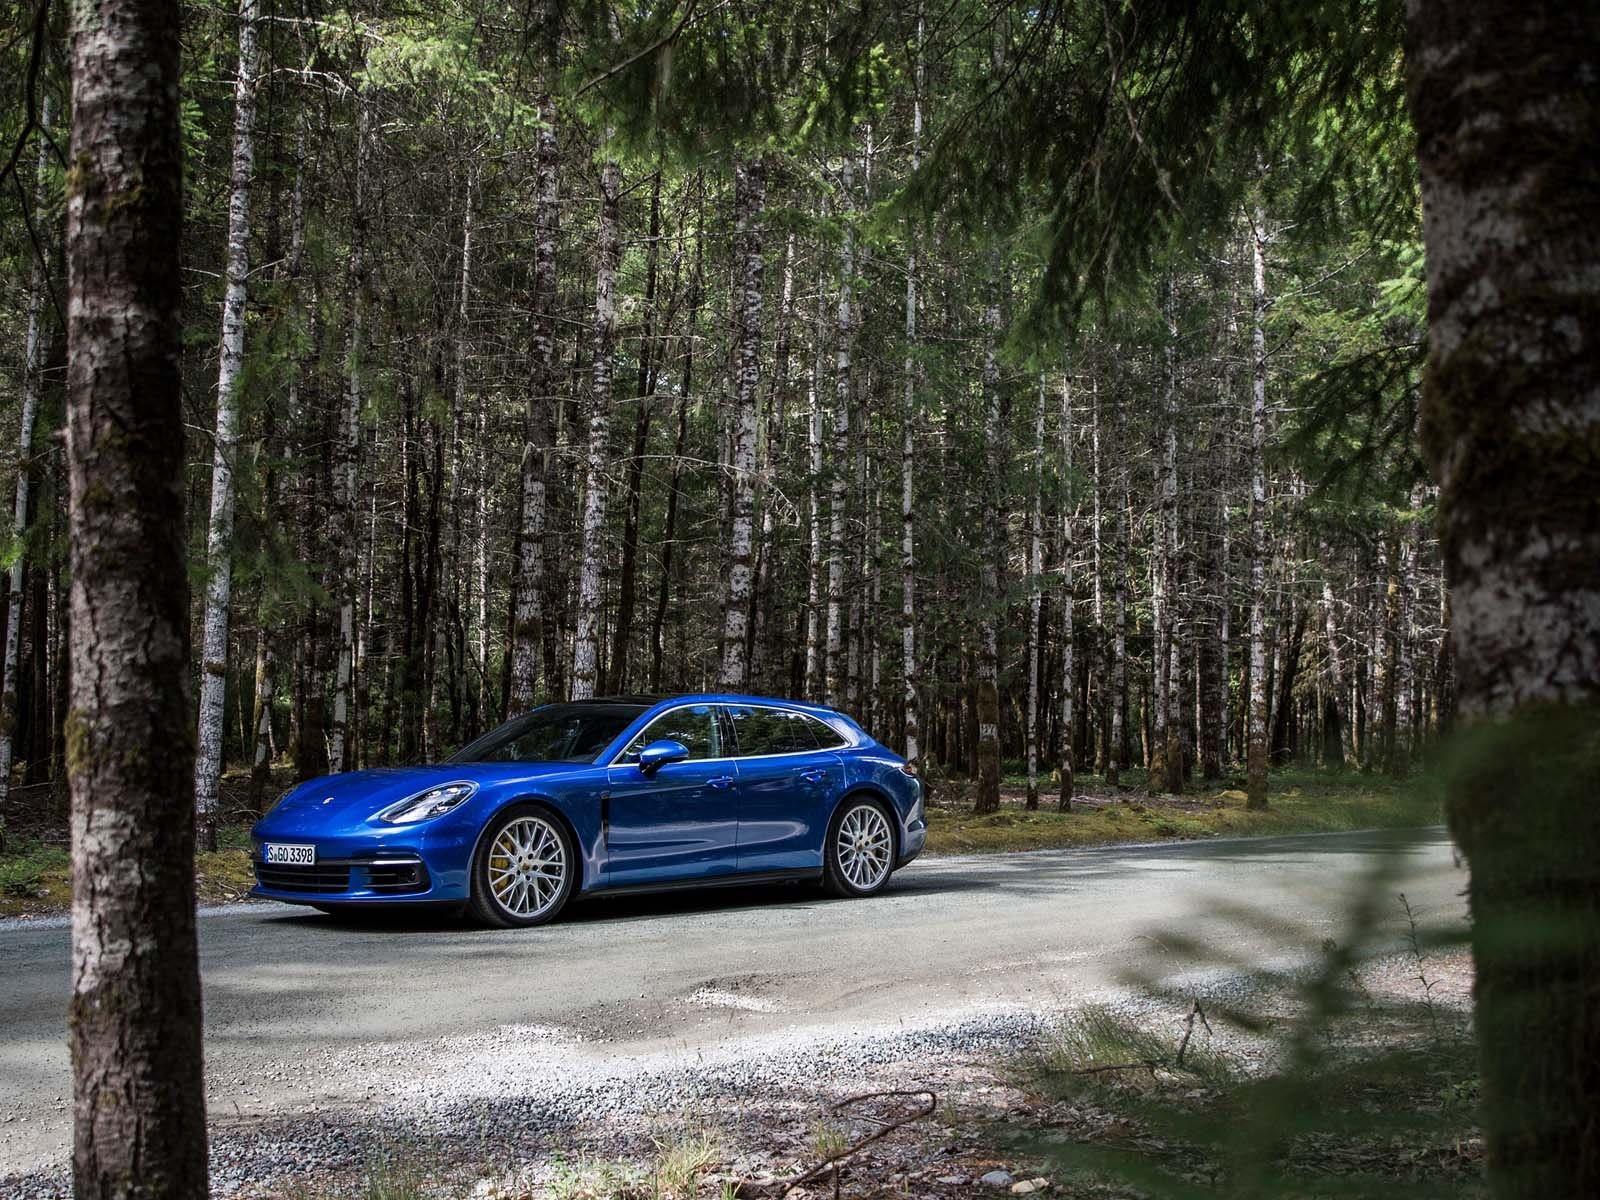 Но даже Porsche знает, что наступит день, когда двигатели внутреннего сгорания станут нежизнеспособны. Блюм даже дошел до того, что предположил, что последний такой автомобиль будет выпущен в 2030 году. Ожидается, что это произойдет быстрее, если тех